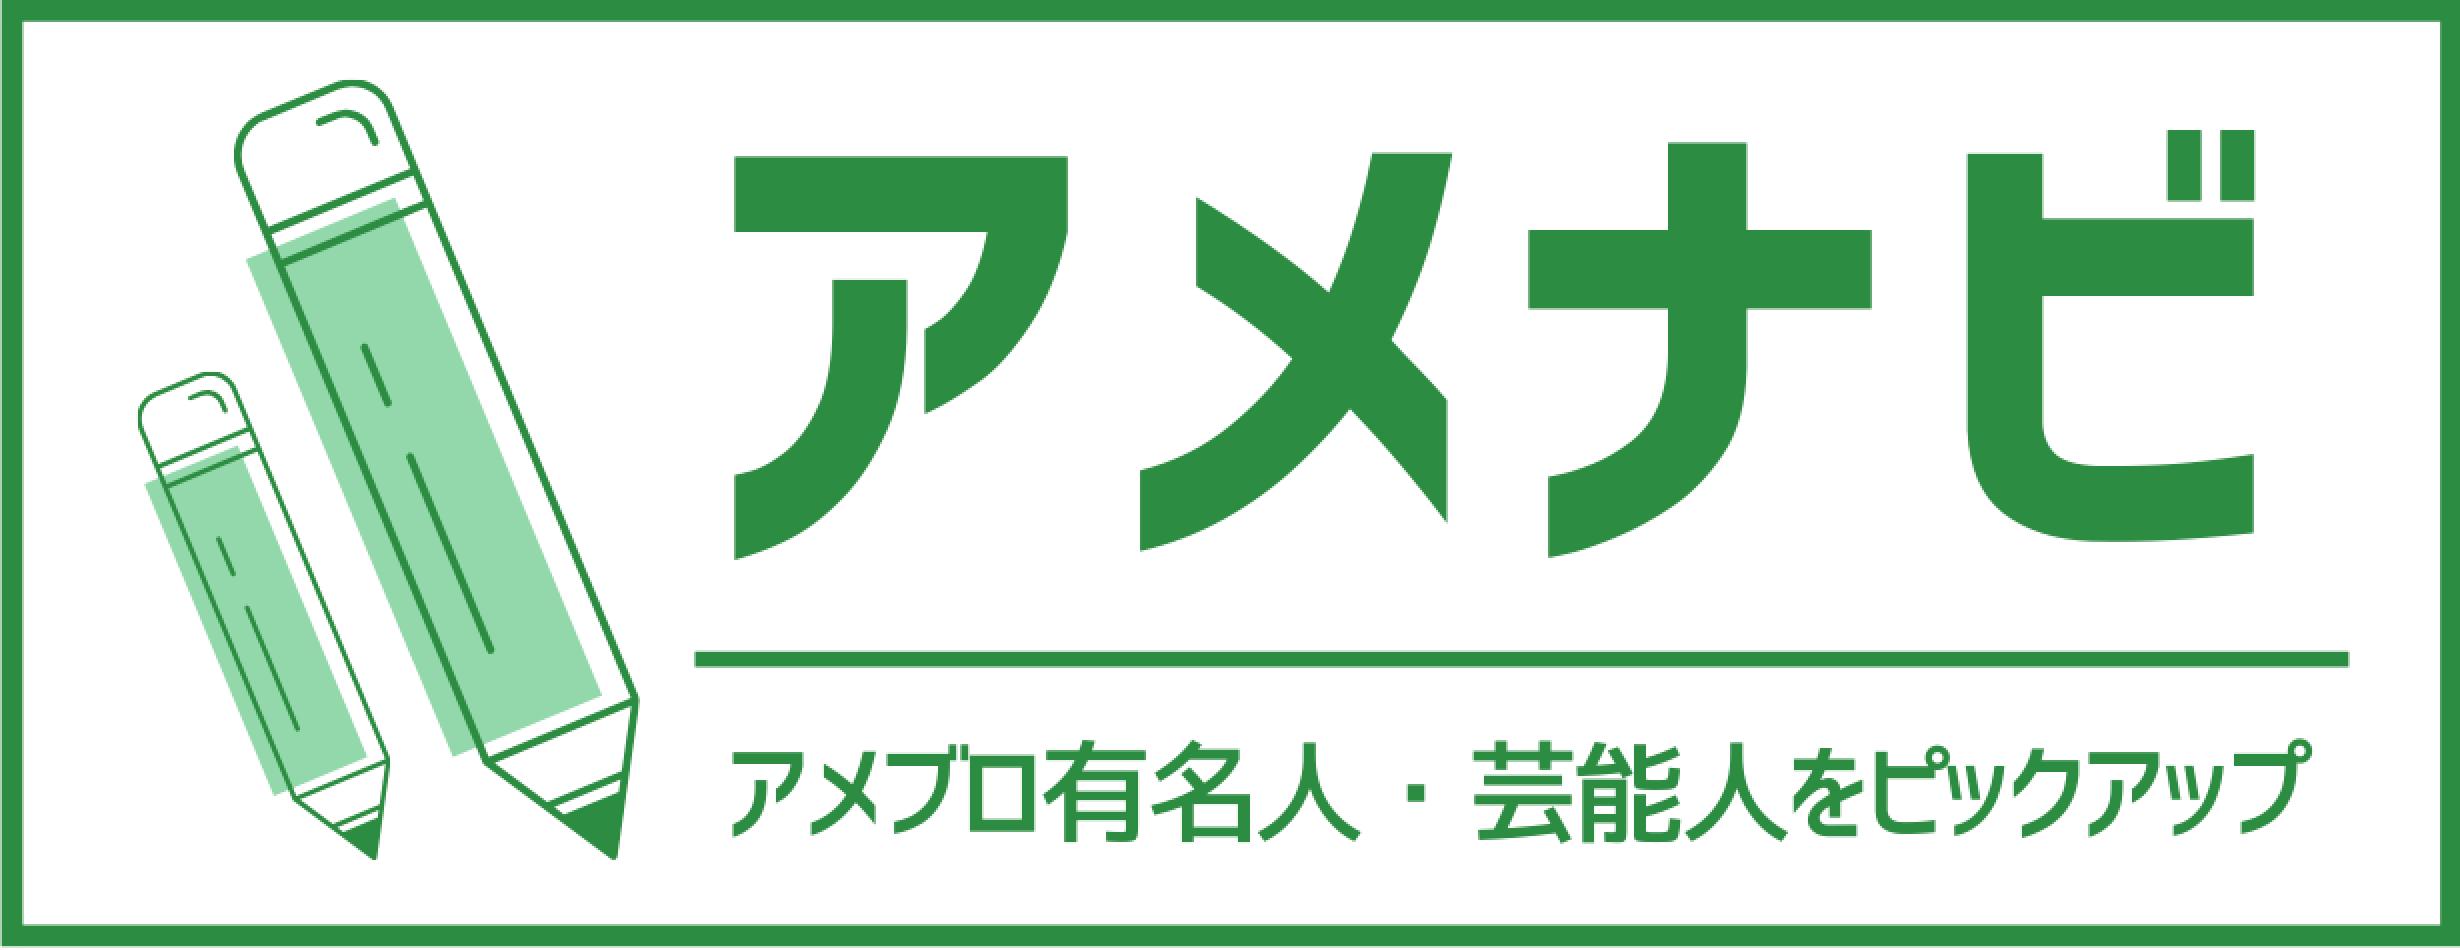 アメブロの人気ブロガー・人気記事、芸能ニュース・エンタメ情報を解説!